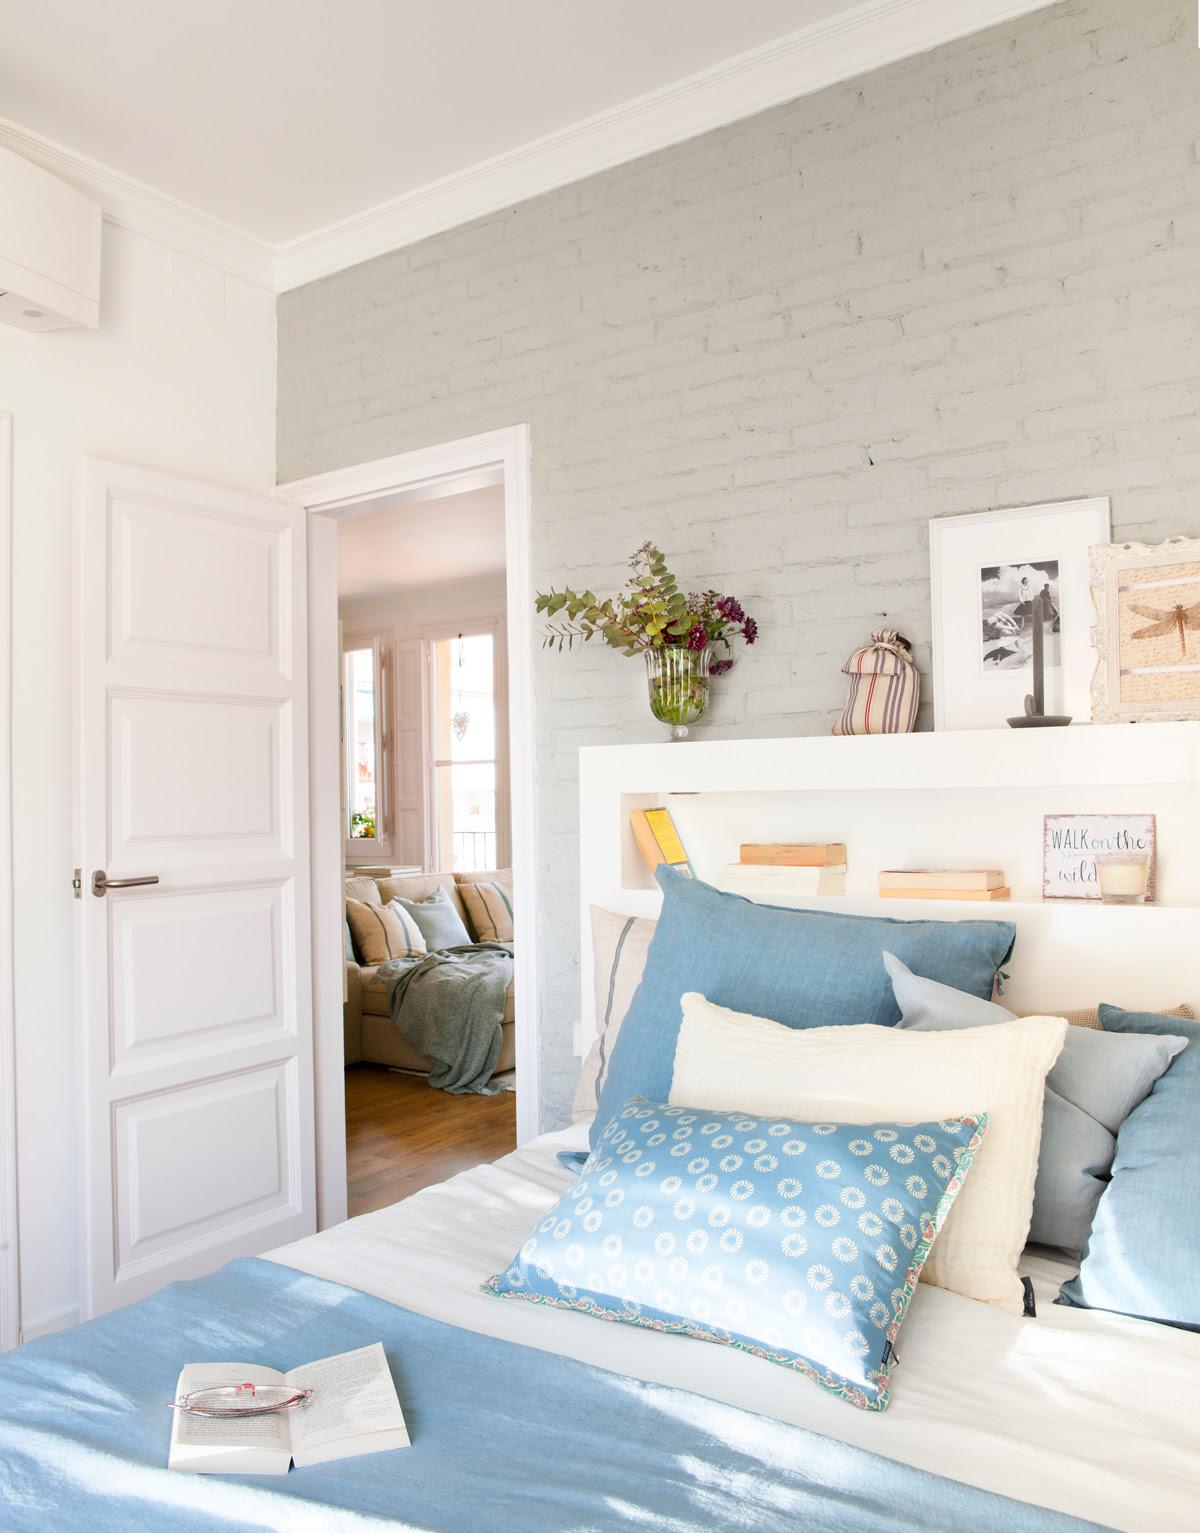 00429037. Dormitorio con pared de ladrillo en gris, ropa de cama en azul y blanco y cabecero con hueco de madera blanca 00429037